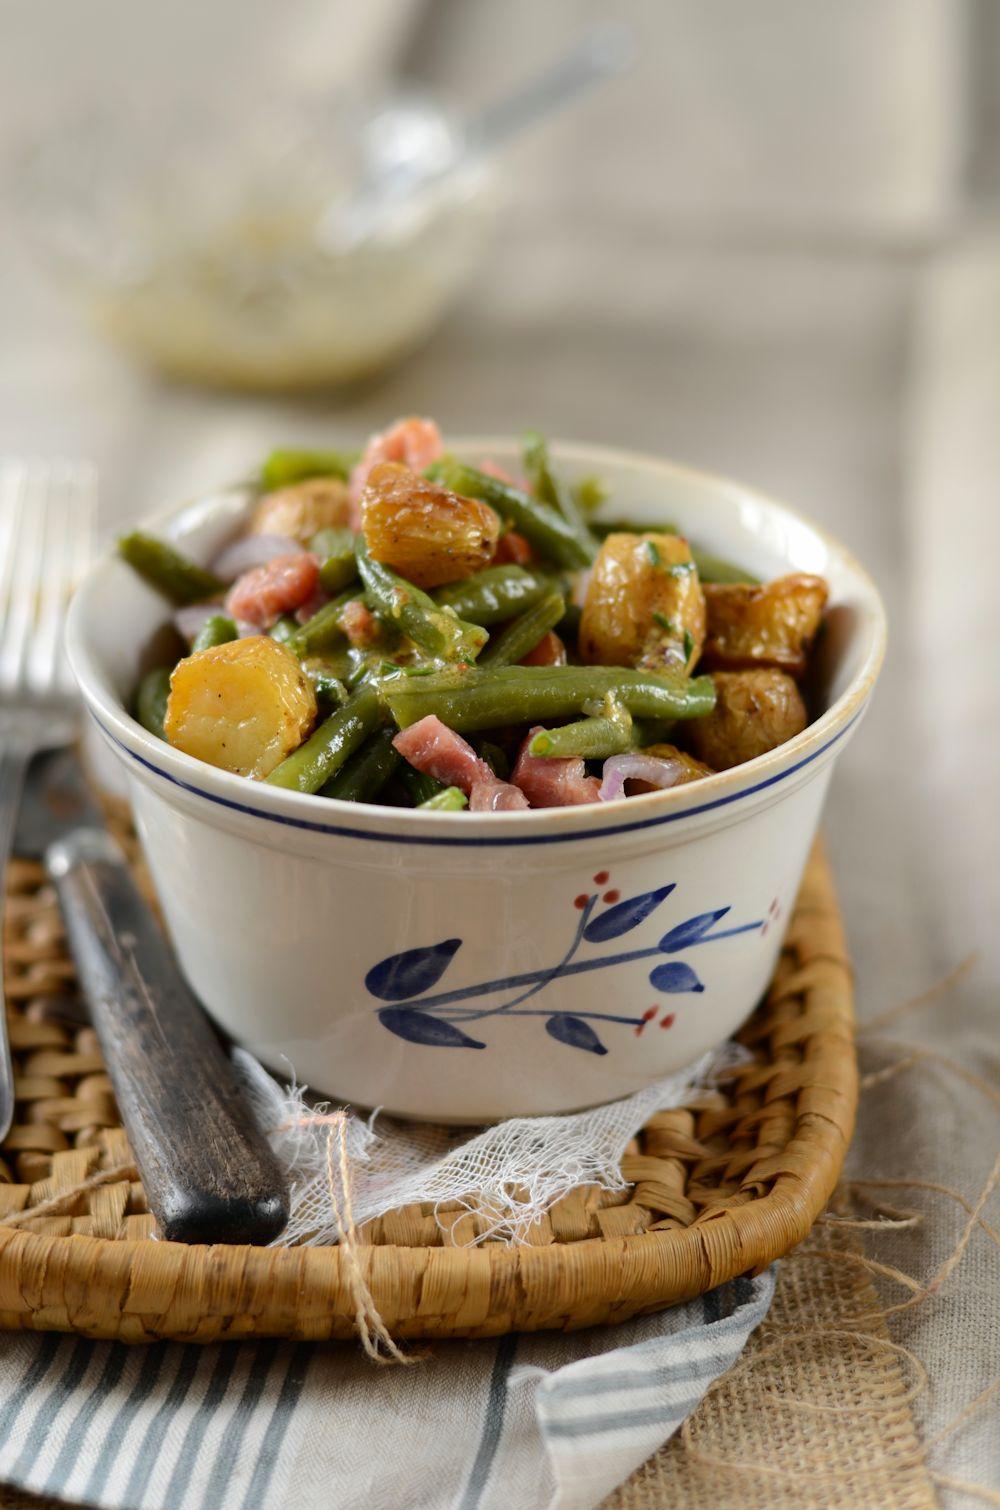 salade de pommes de terre nouvelles et haricots verts recette. Black Bedroom Furniture Sets. Home Design Ideas